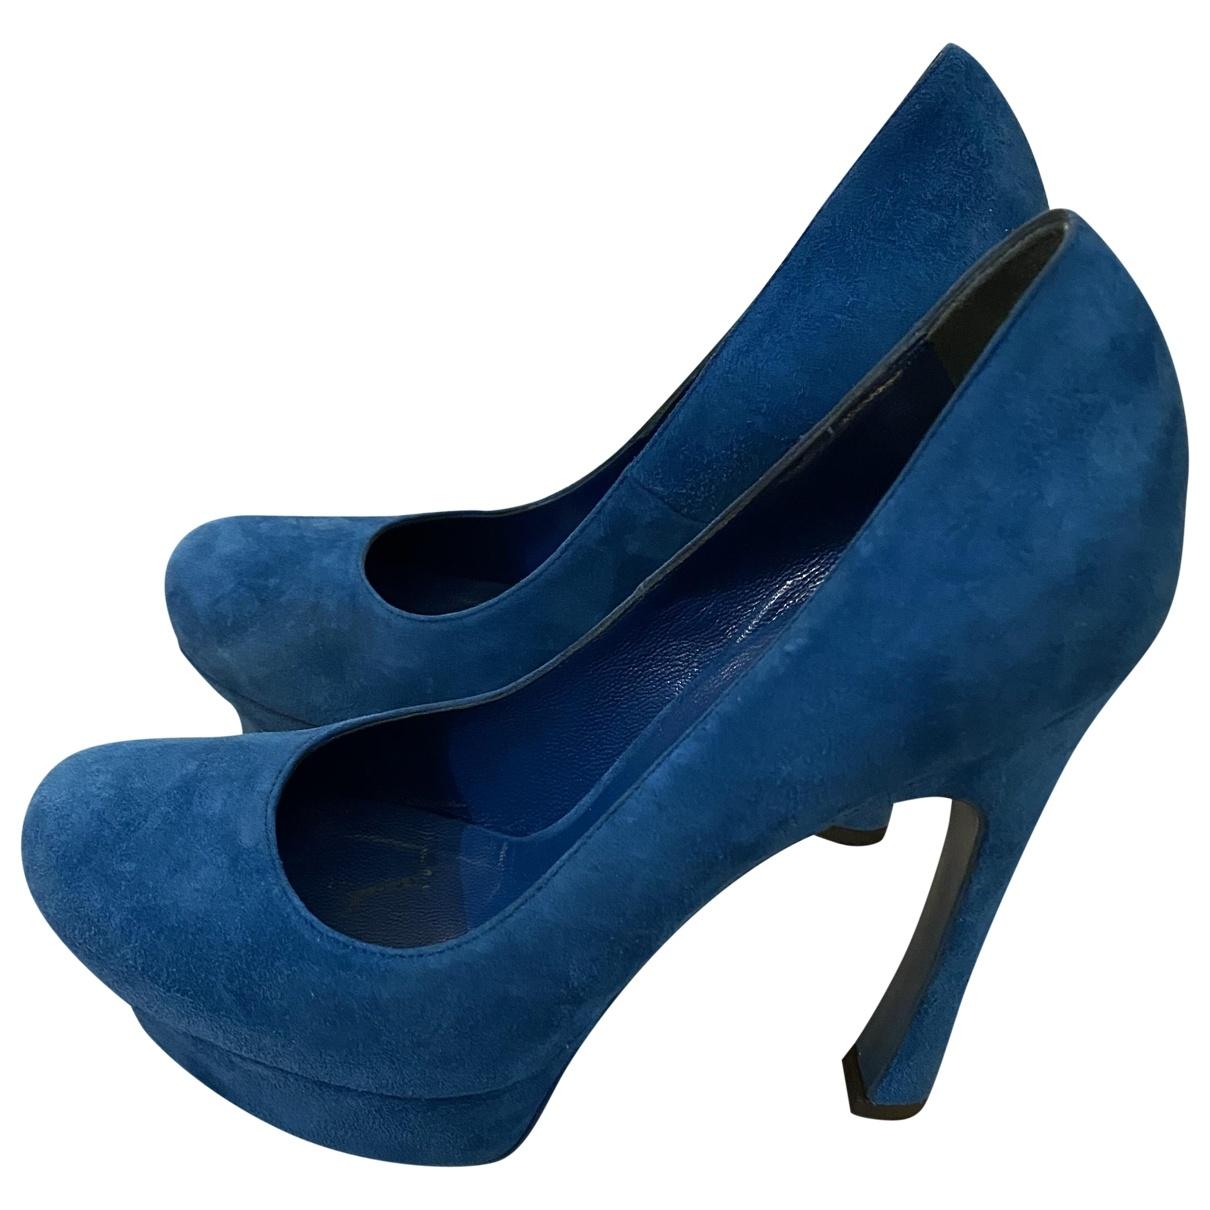 Yves Saint Laurent - Escarpins Palais pour femme en suede - bleu